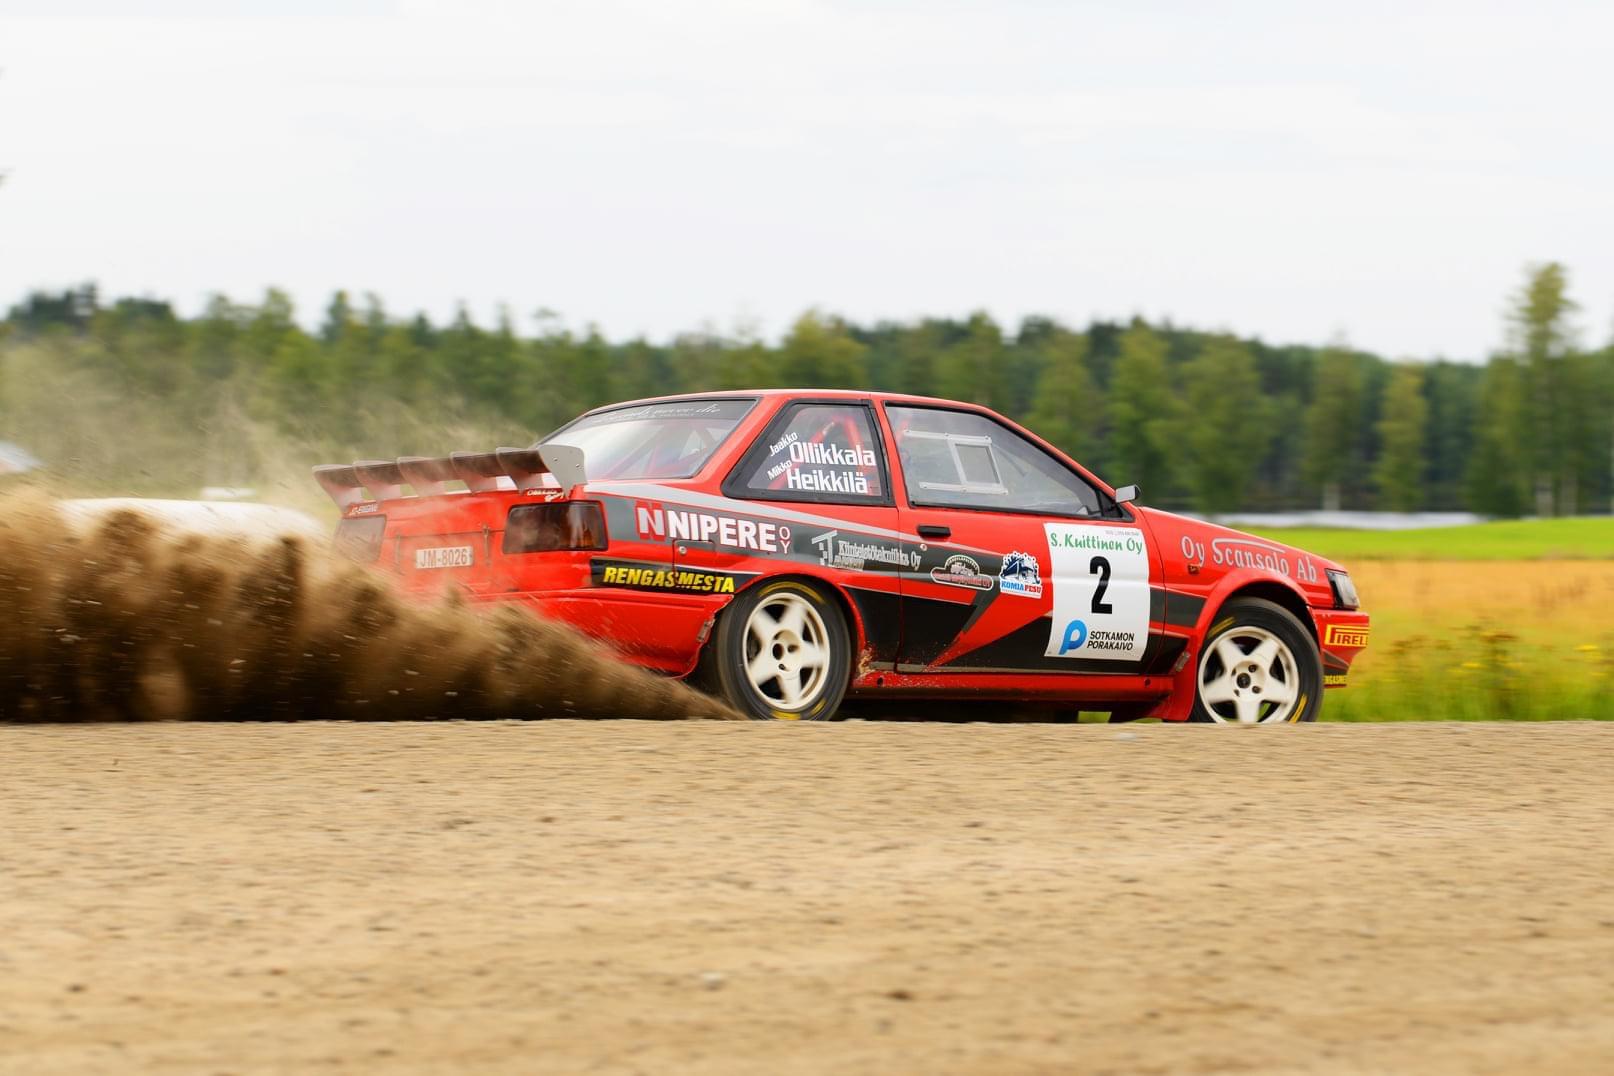 Kyröön Ralli tekee comebackin – ralli ajetaan syyskuussa Isossakyrössä